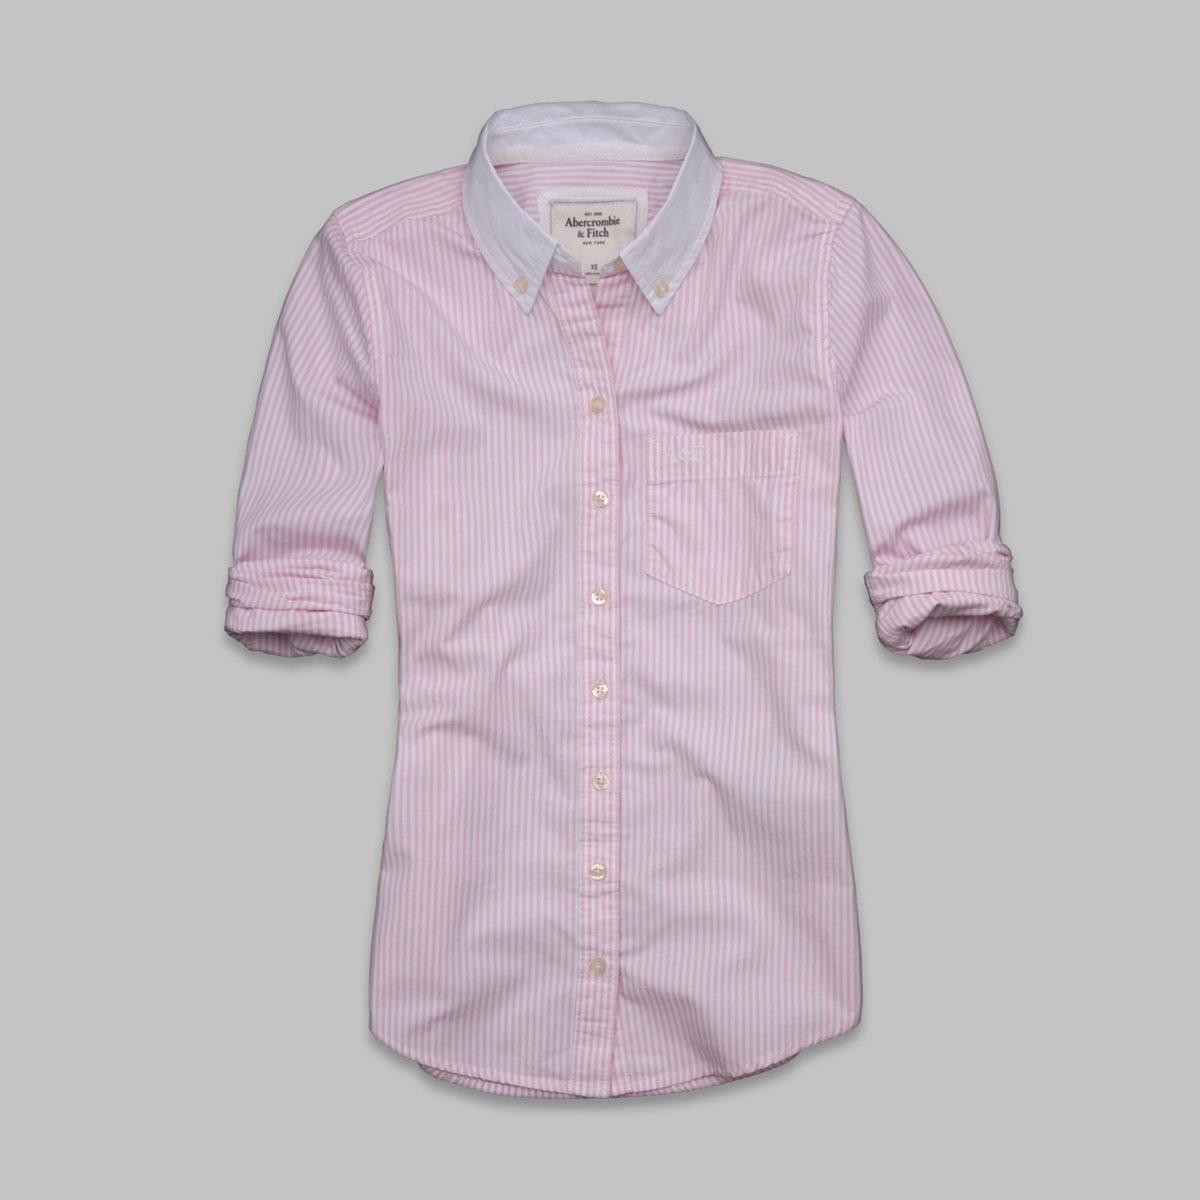 Adin Shirt